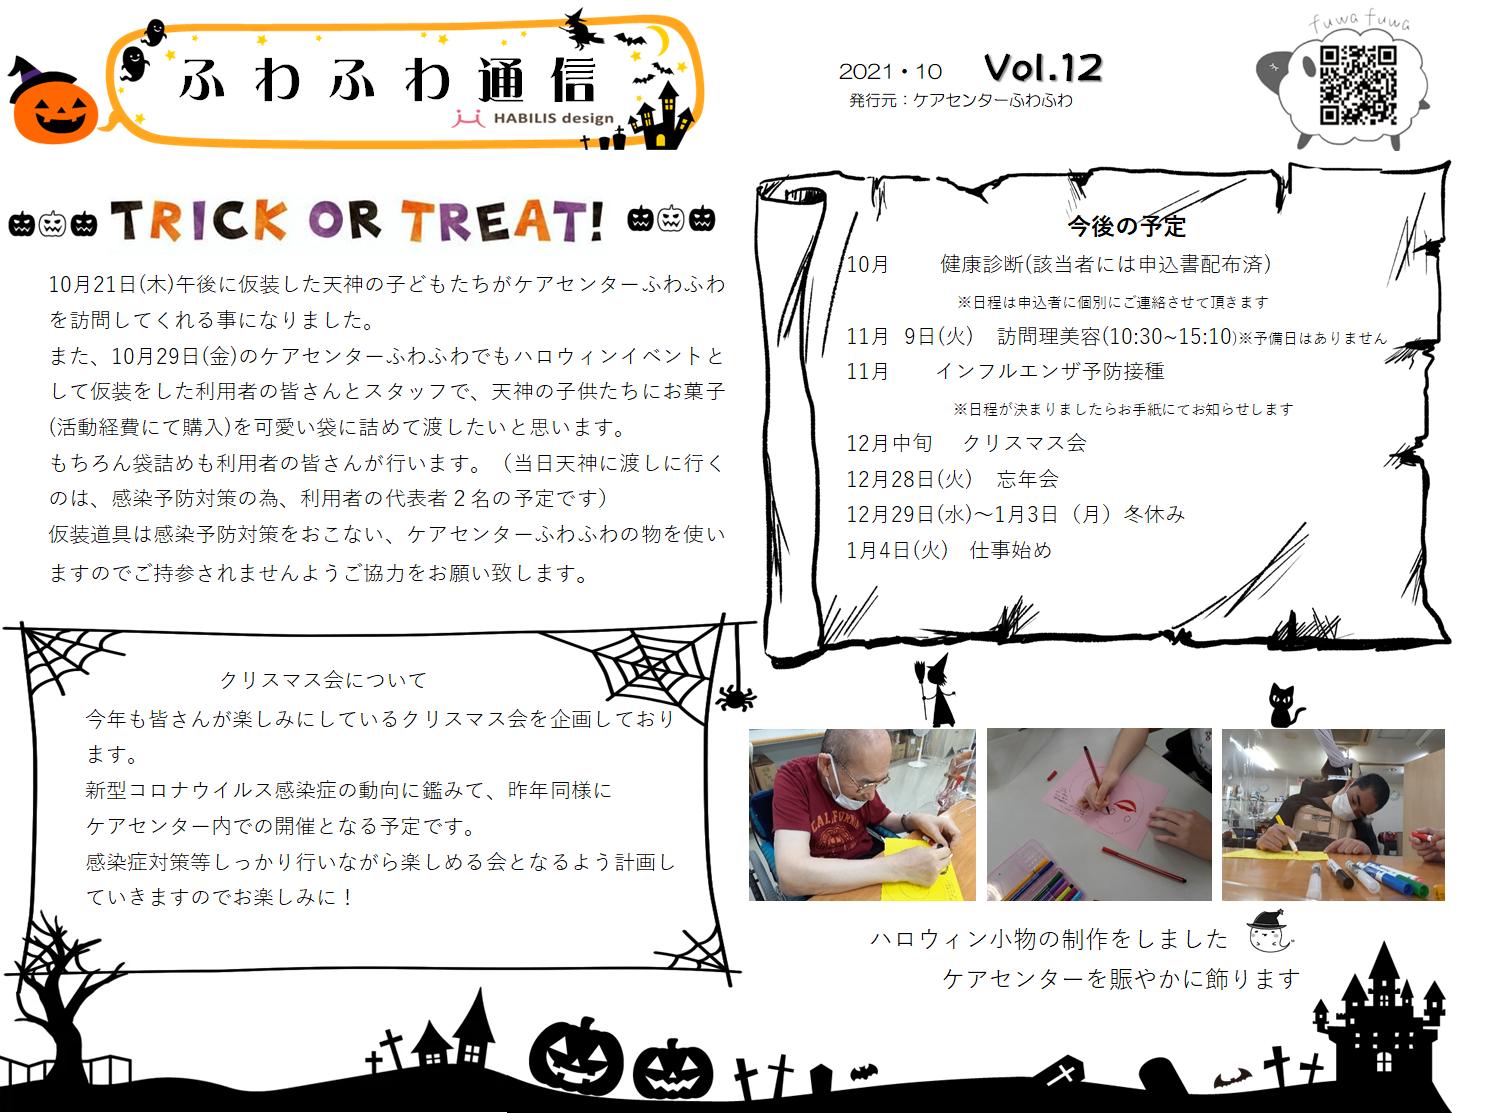 ふわふわ通信Vol.12